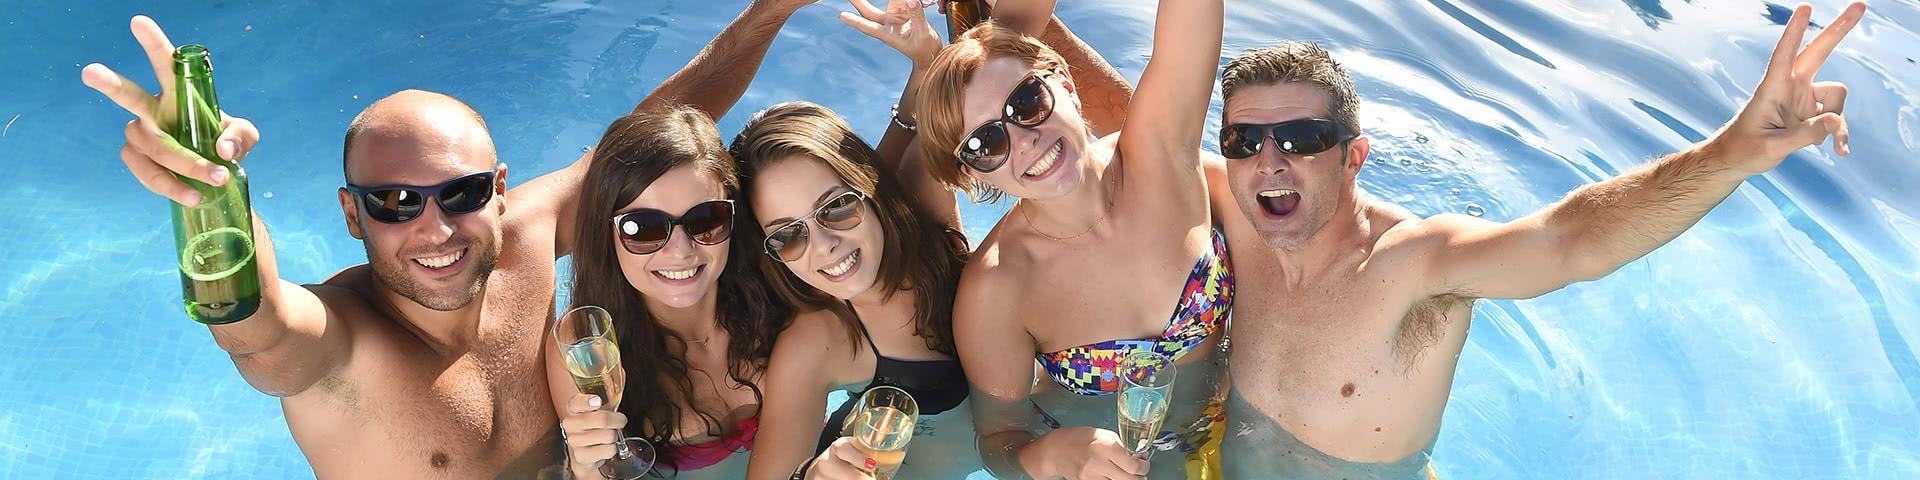 Eine feiernde Freundesgruppe in einem Pool in Bulgarien